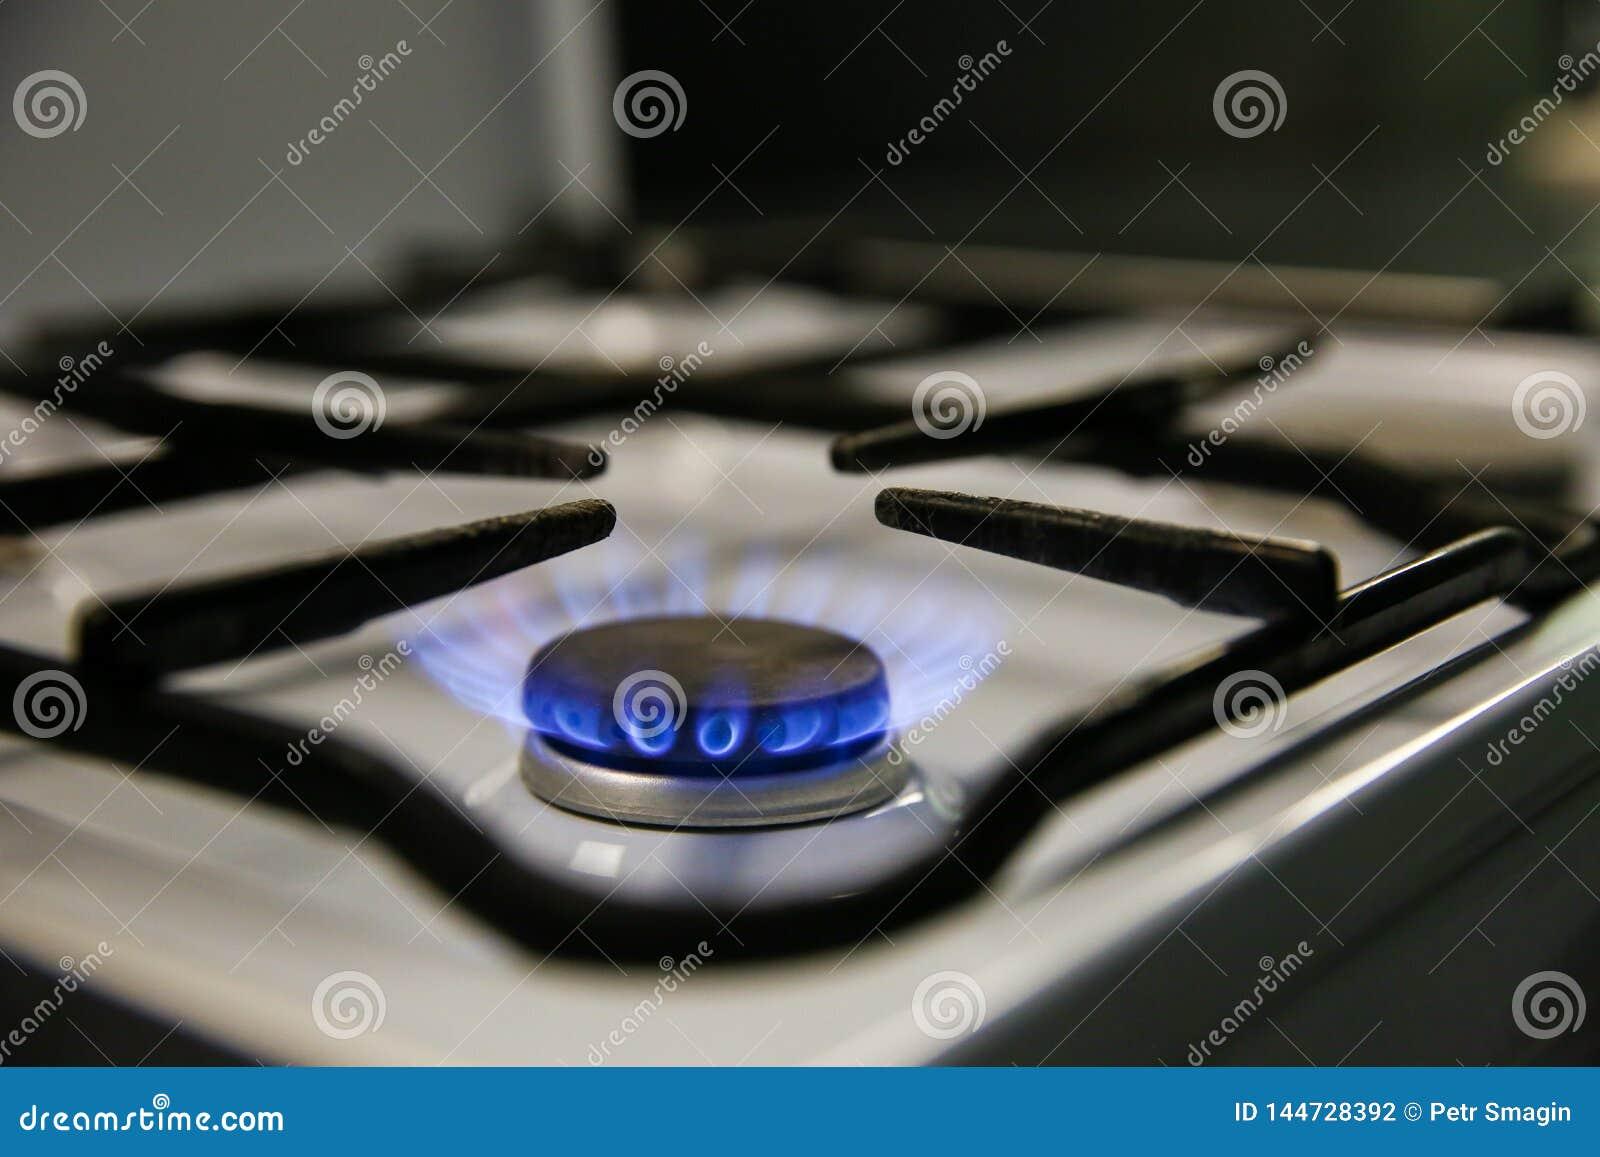 Gasbrände auf dem Küchenofen